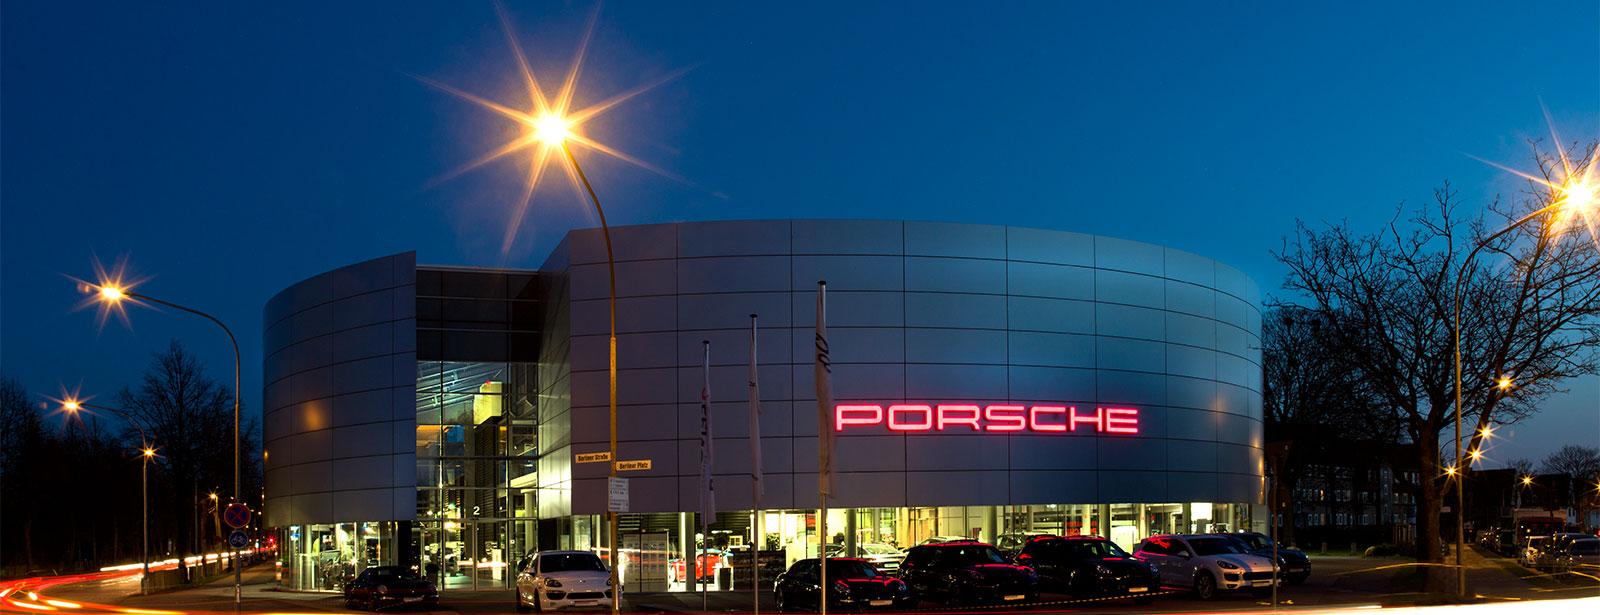 Le Centre Porsche de Lübeck